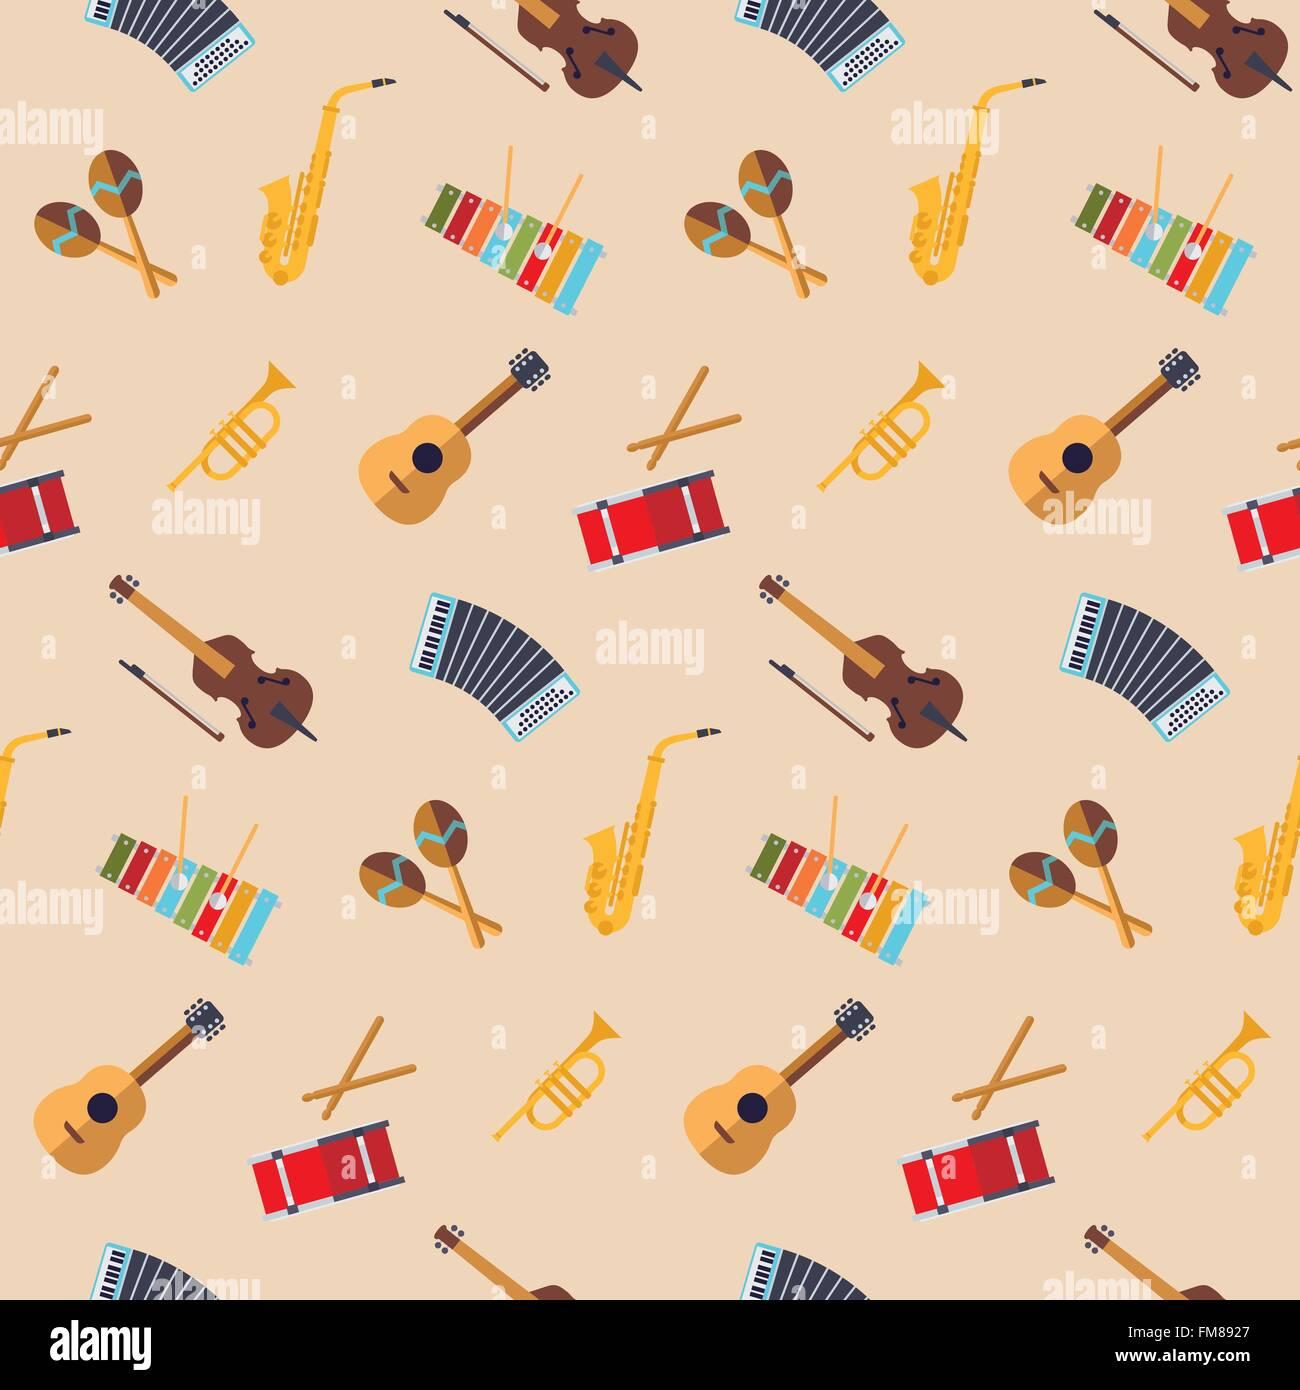 Seamless sfondo con design piatto strumenti musicali Immagini Stock